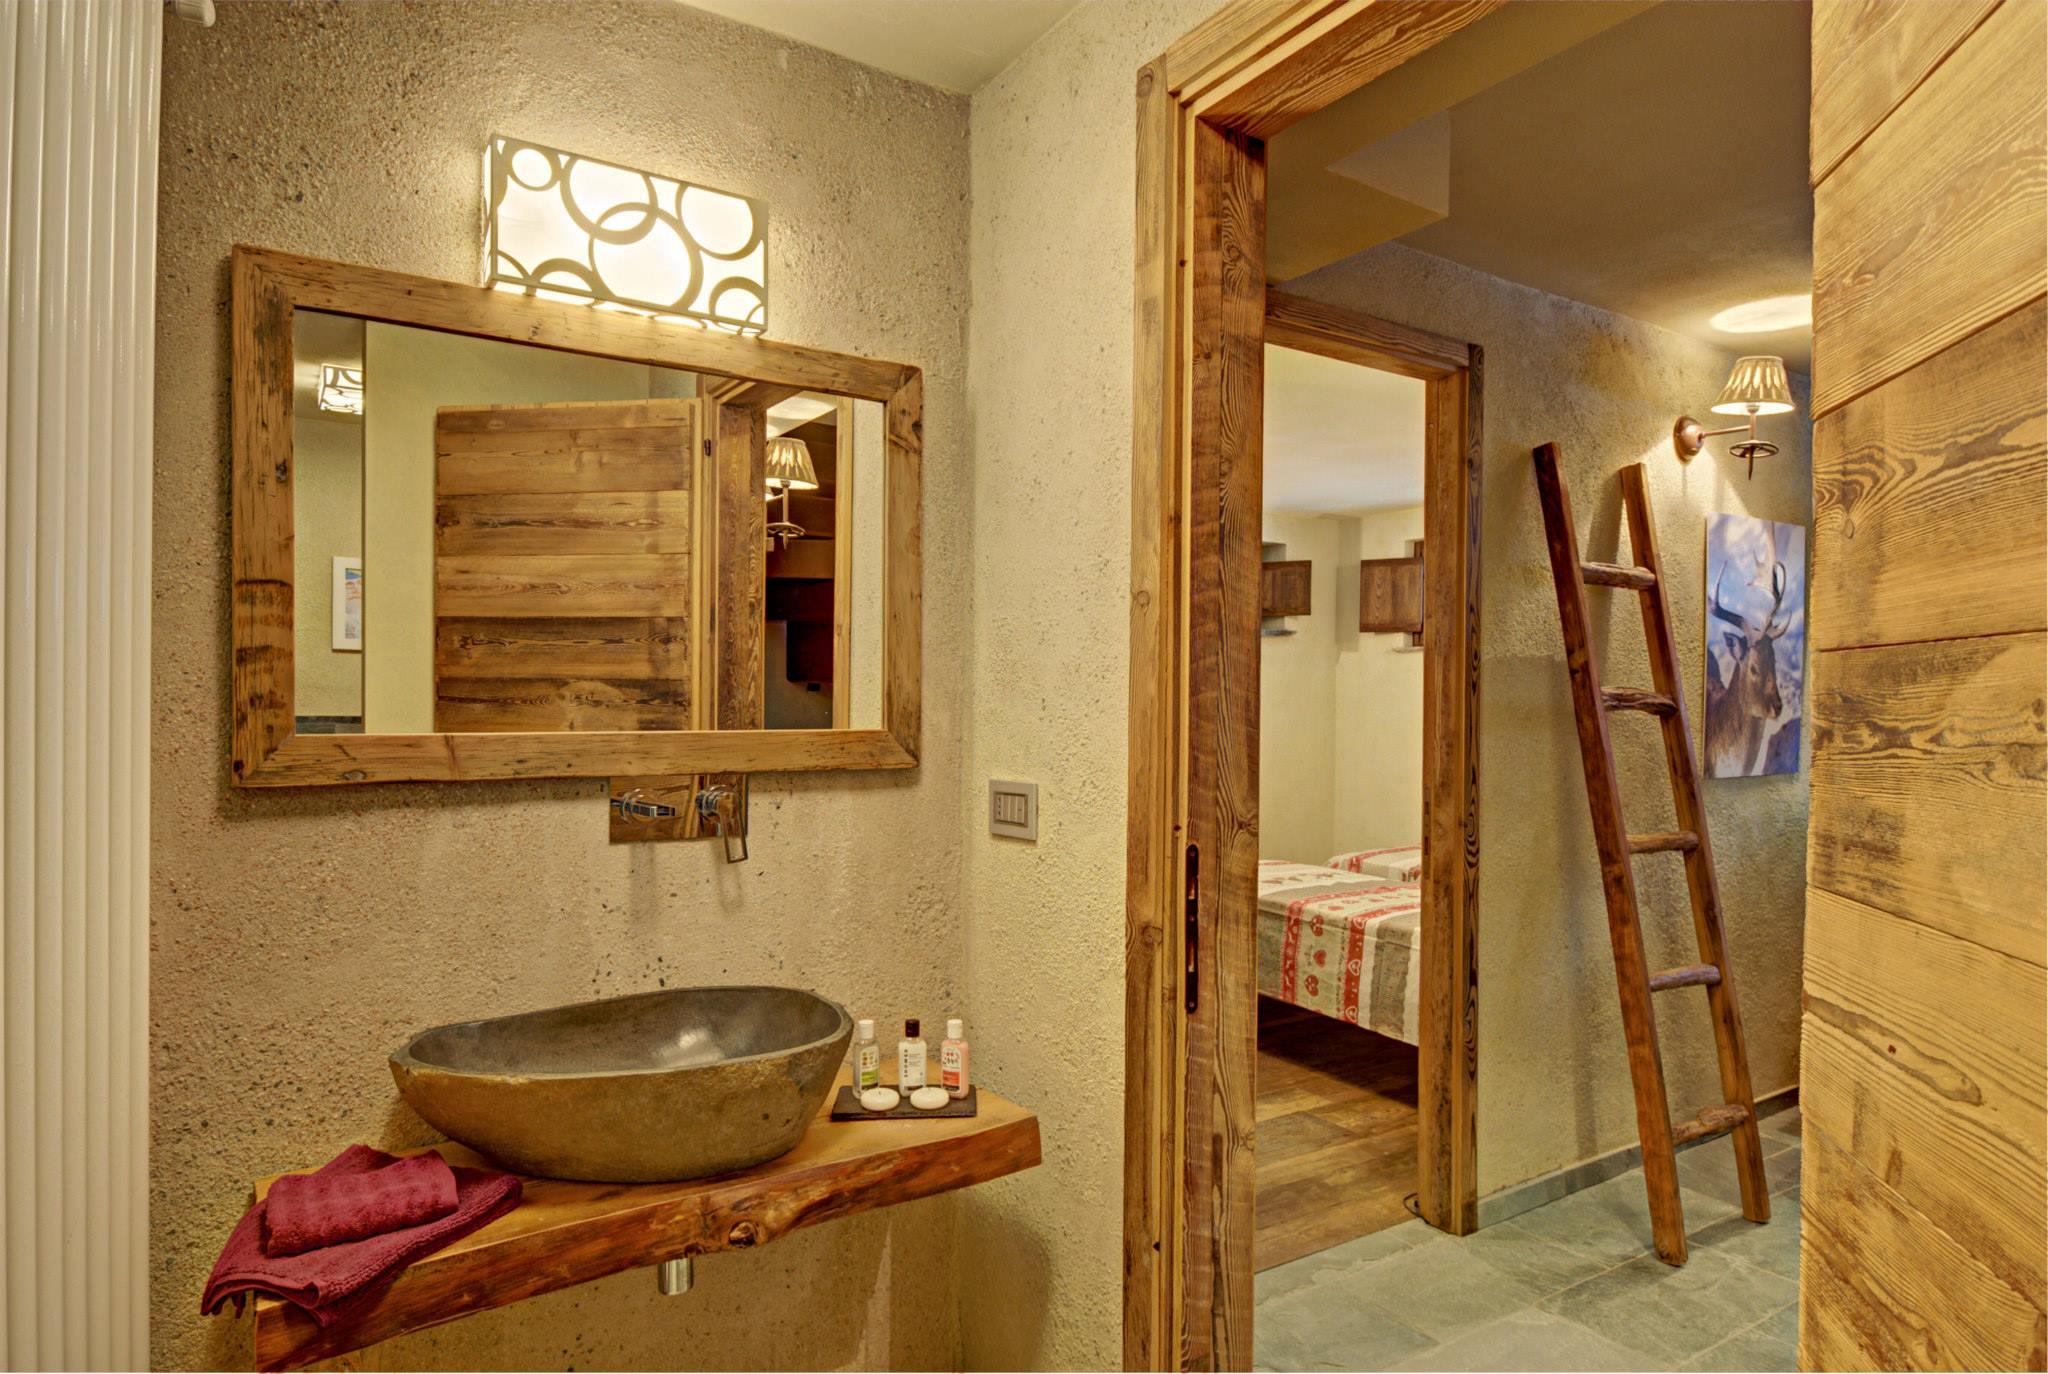 Diseño de interiores rústico uso de madera y piedra | CONSTRUYE HOGAR